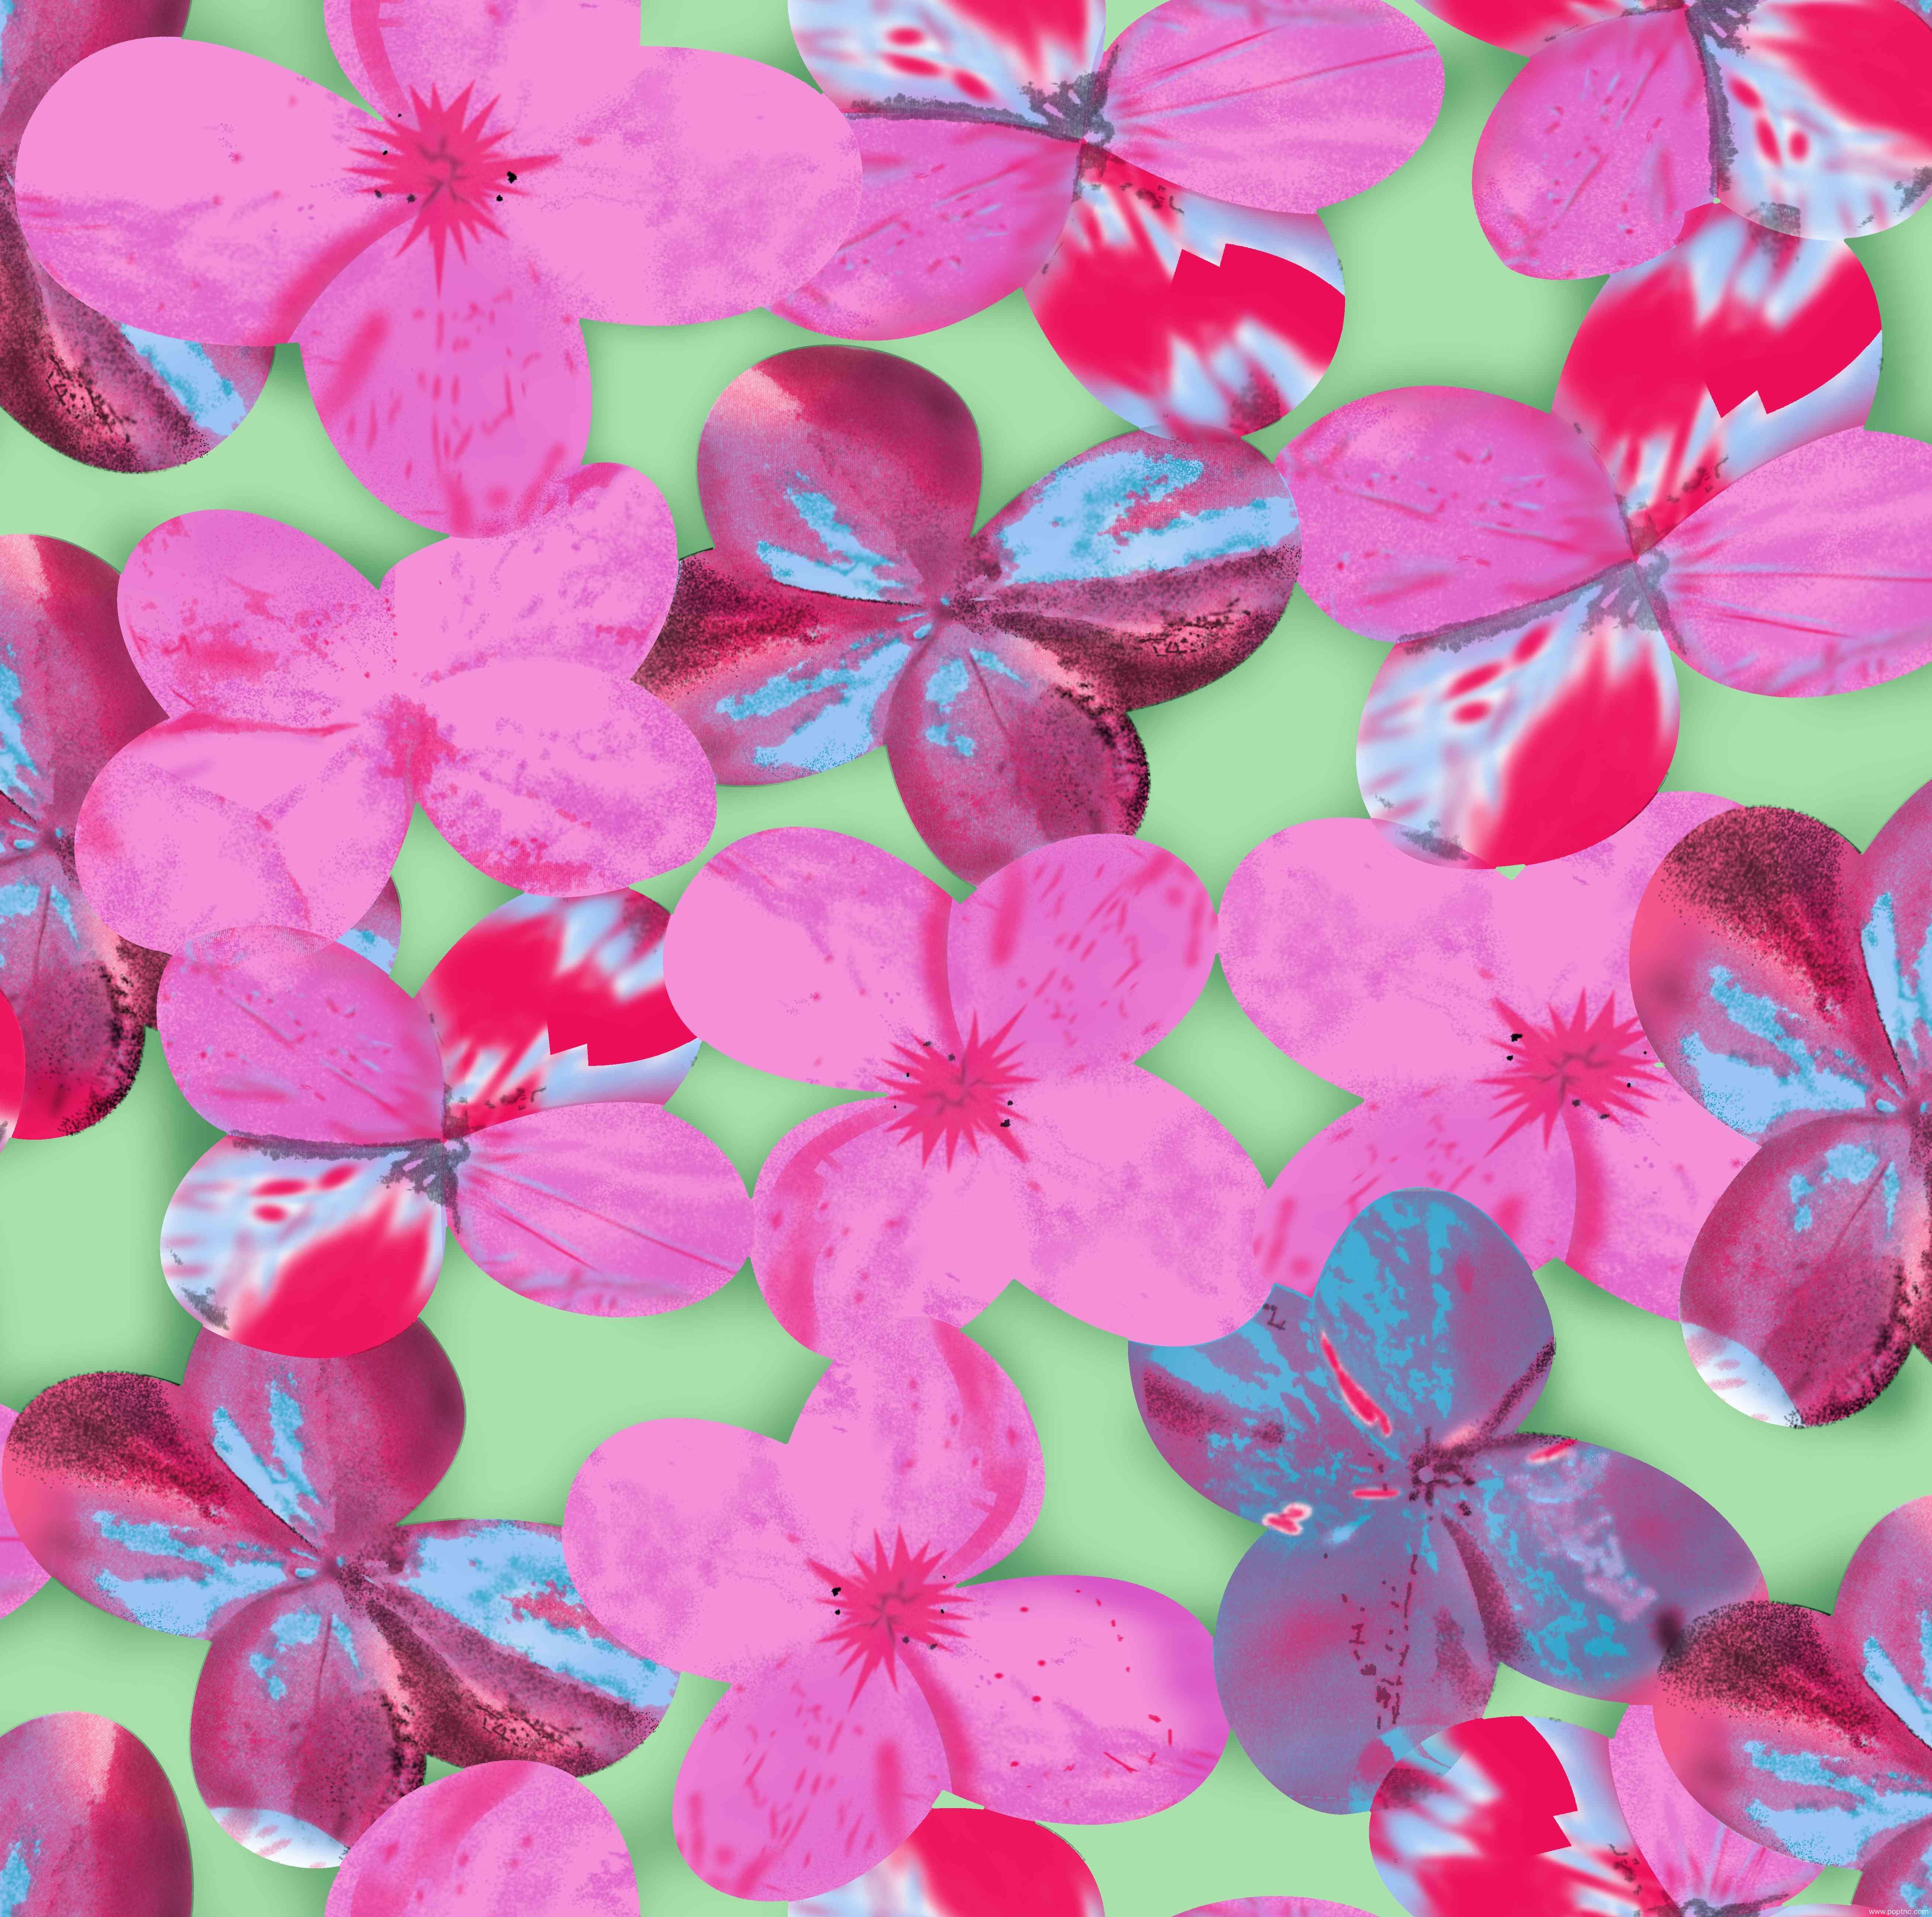 植物花卉粉色花朵纺织水印数码印花矢量图金昌分色稿源文件a2738-2-POP花型网